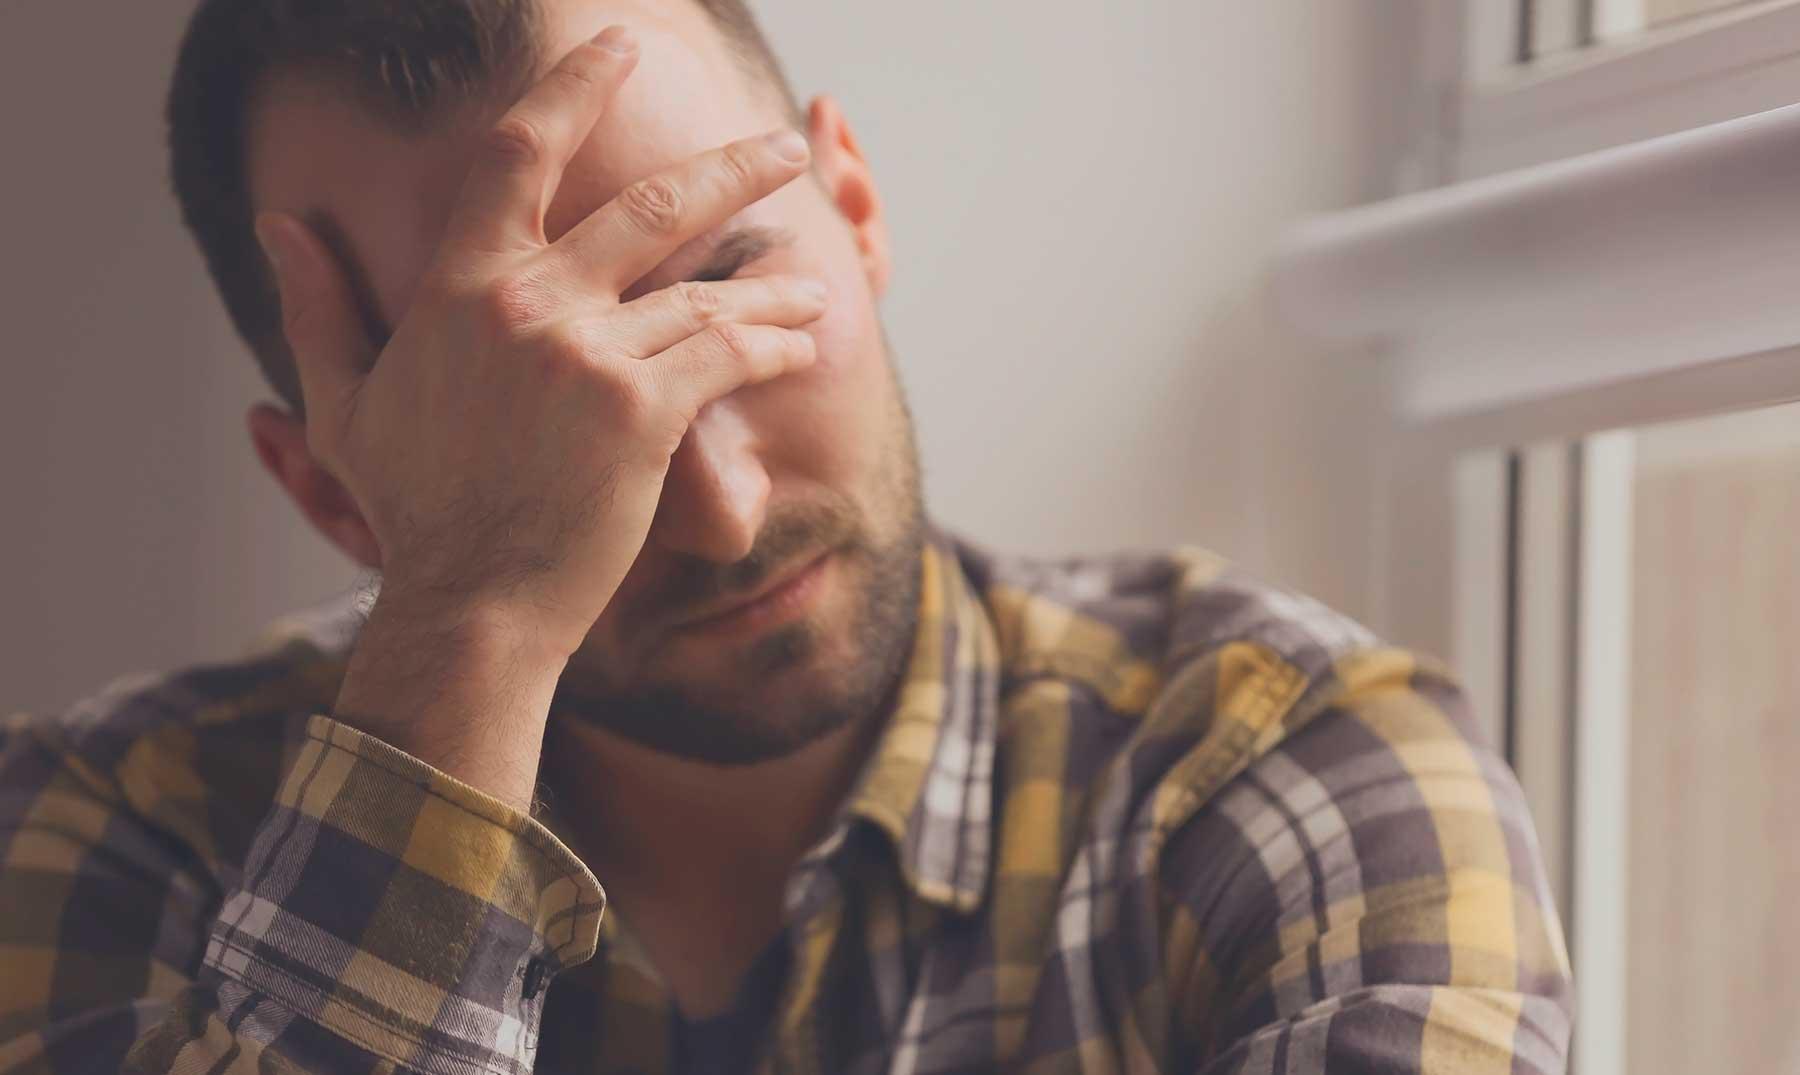 130 Frases De Arrepentimiento Porque Todos Cometemos Errores